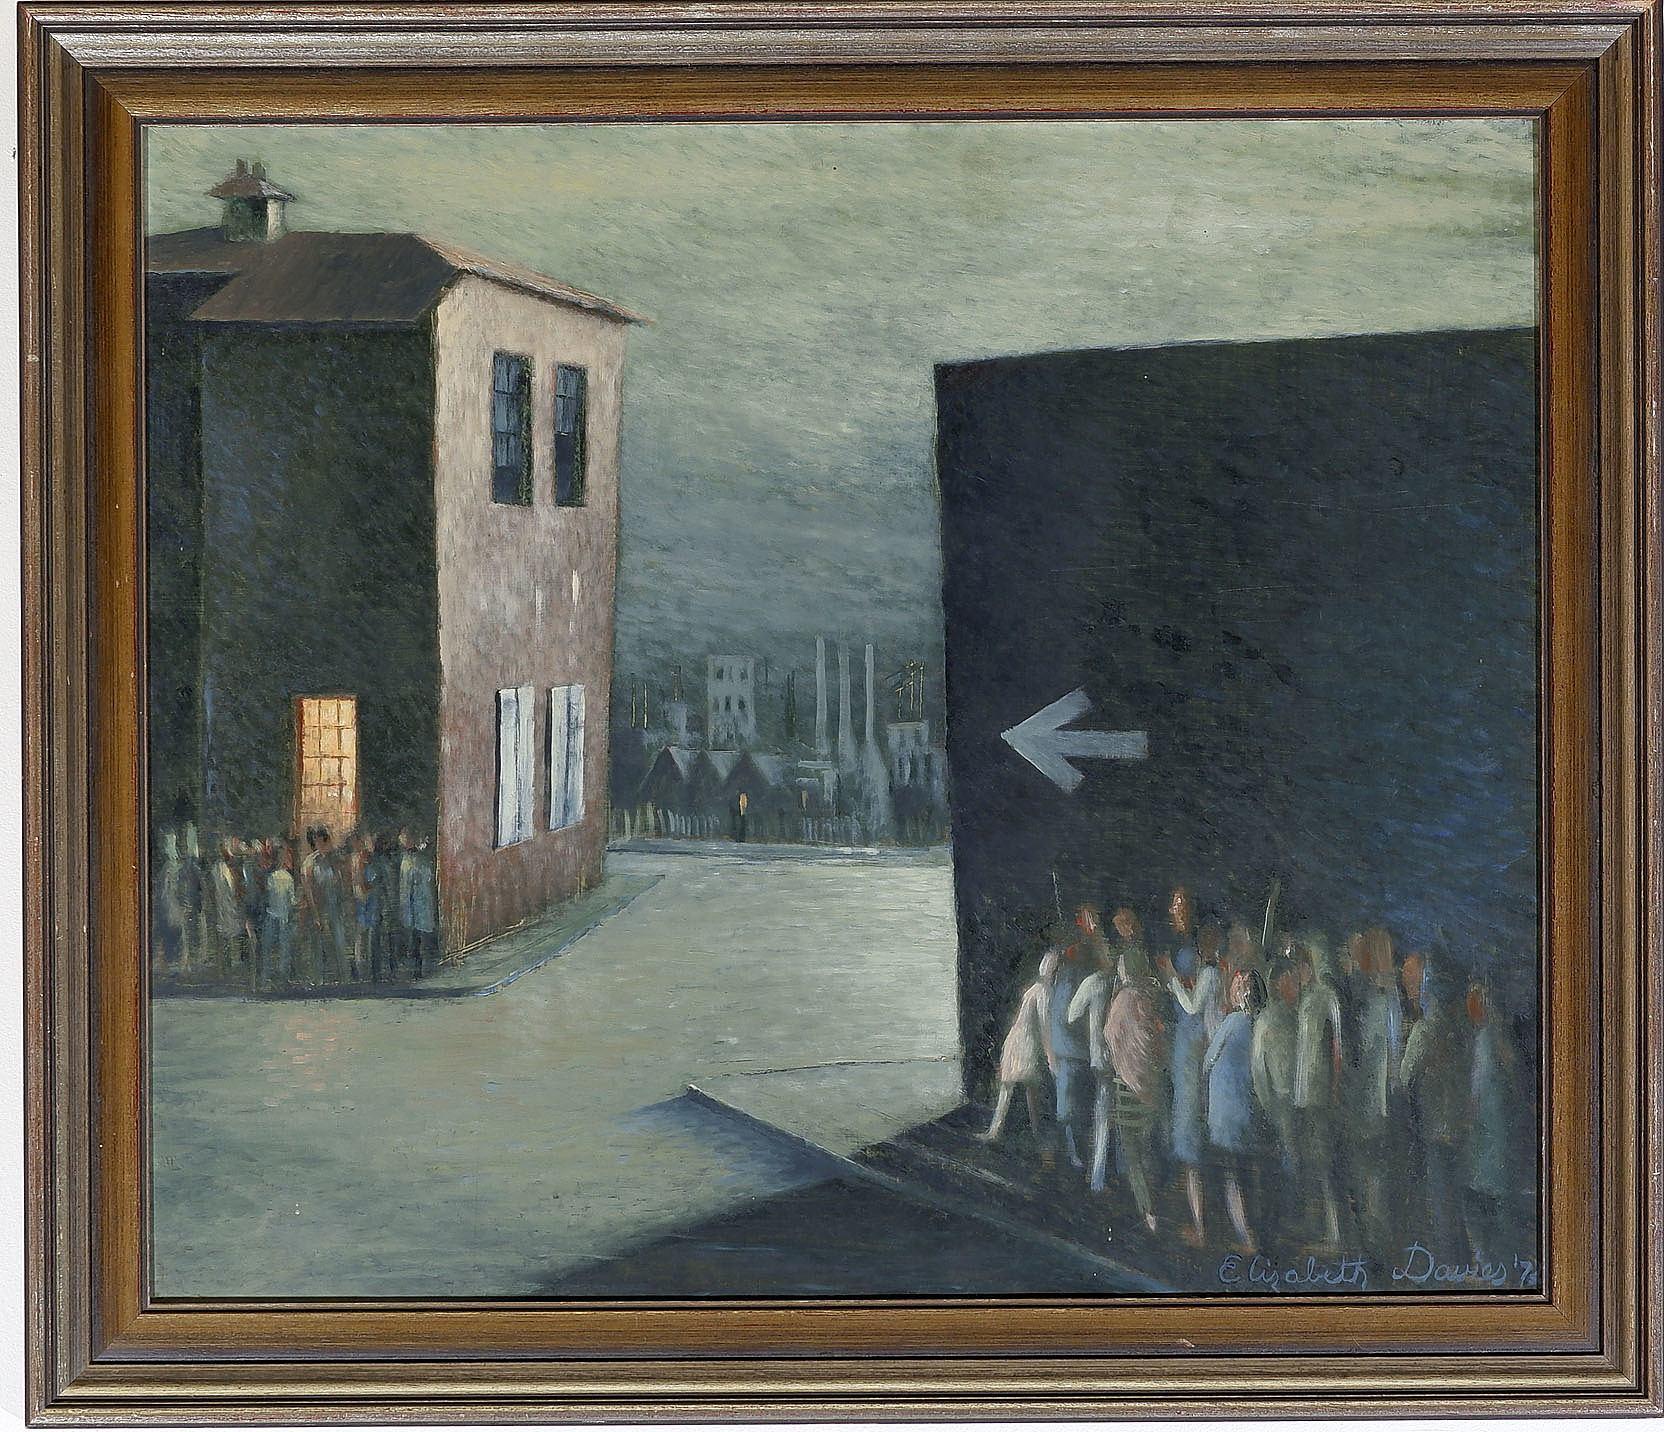 'Elizabeth Davies, Oil on Board'